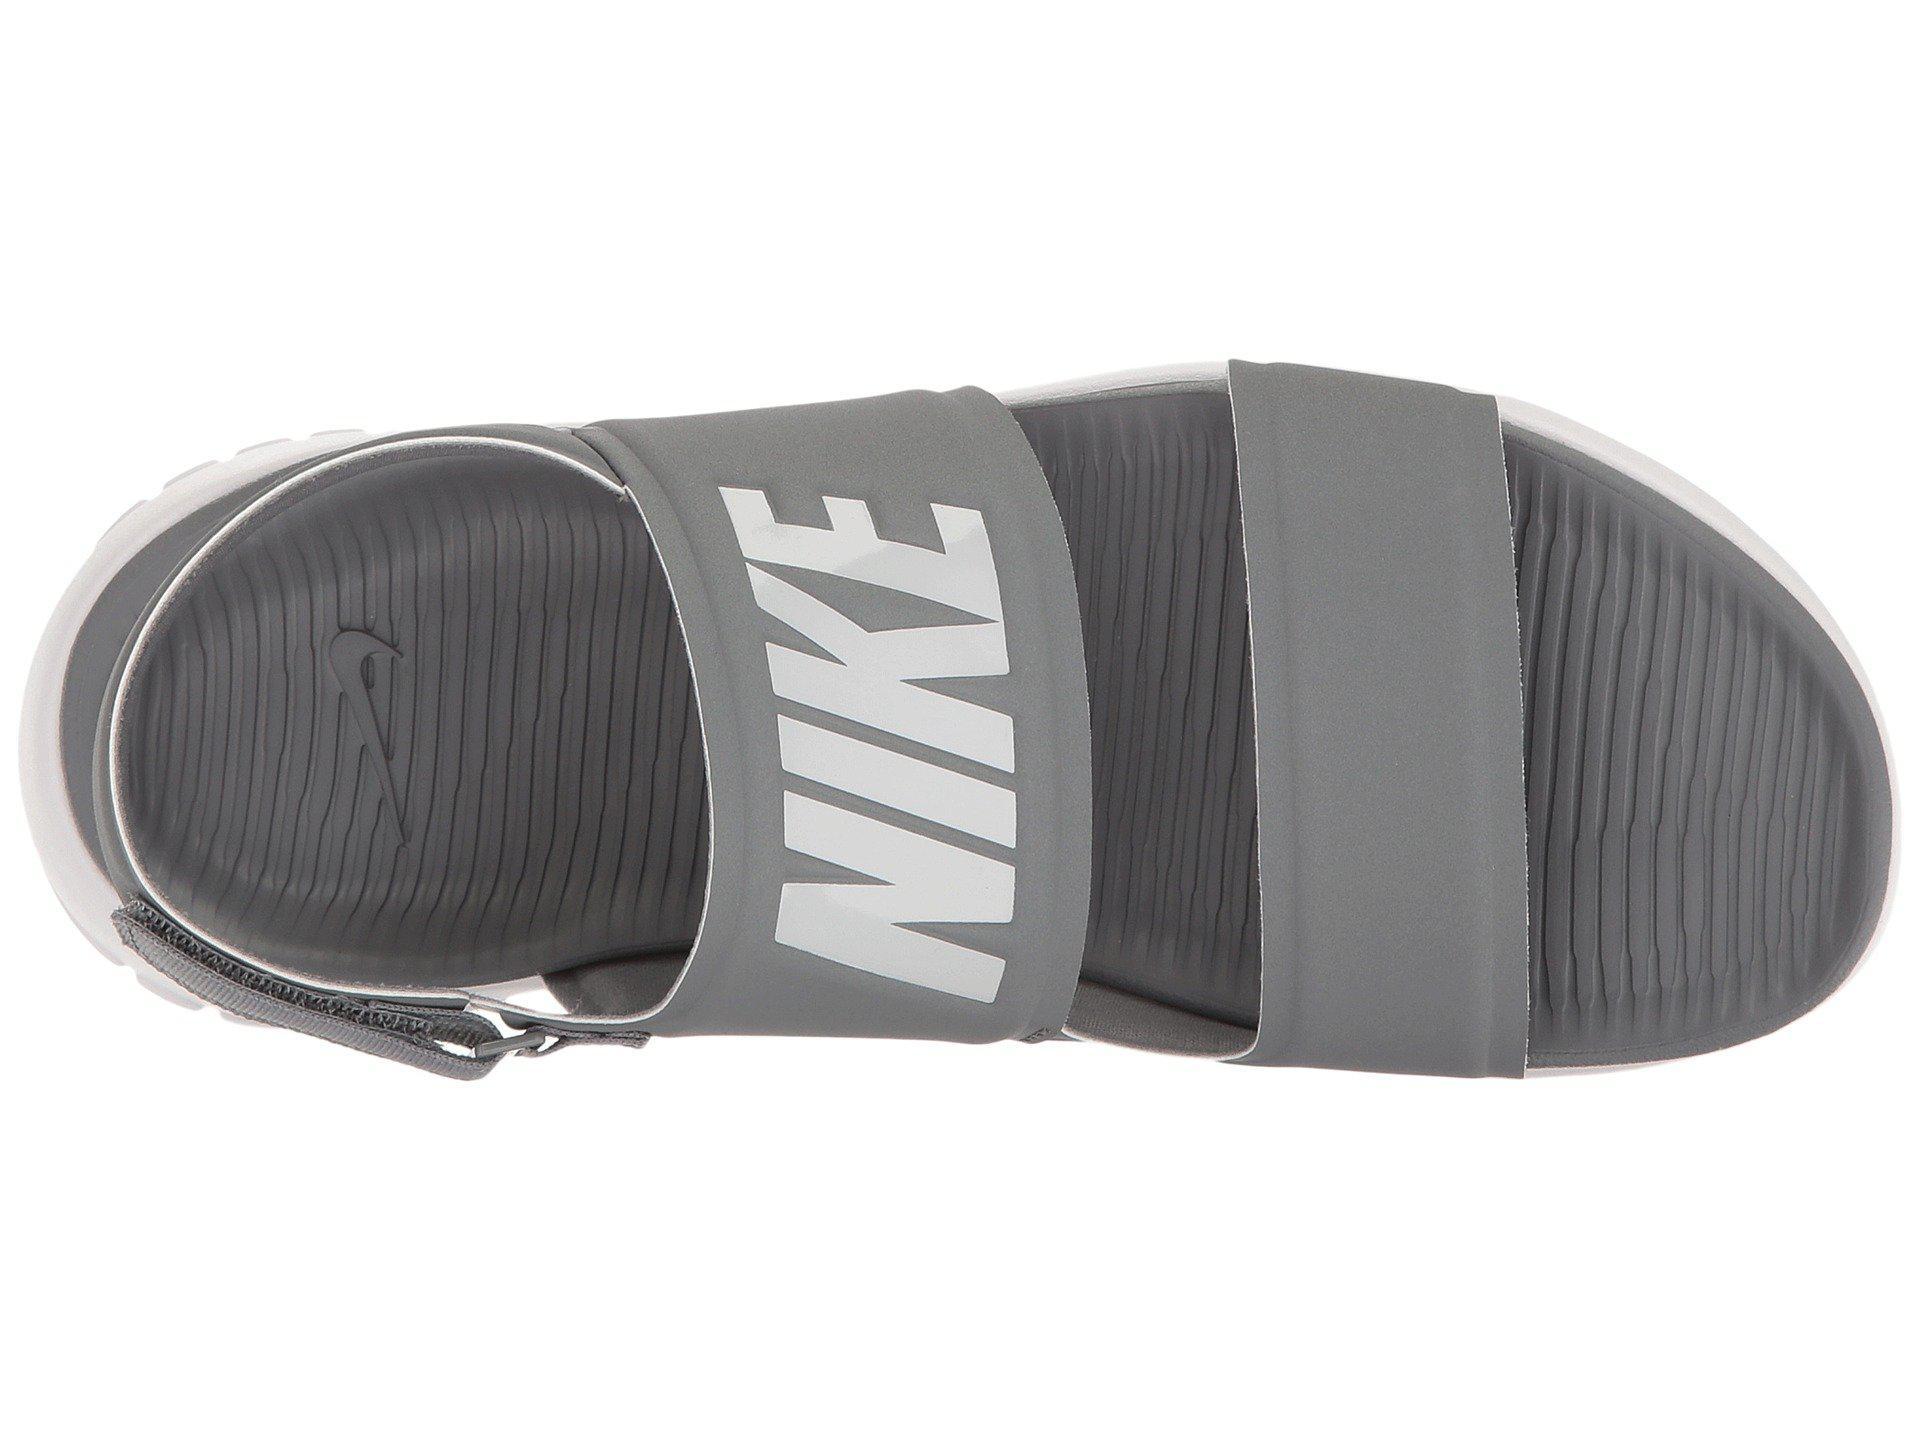 fdcfdf30e302 Lyst - Nike Tanjun Sandal (black black white) Women s Shoes in Gray